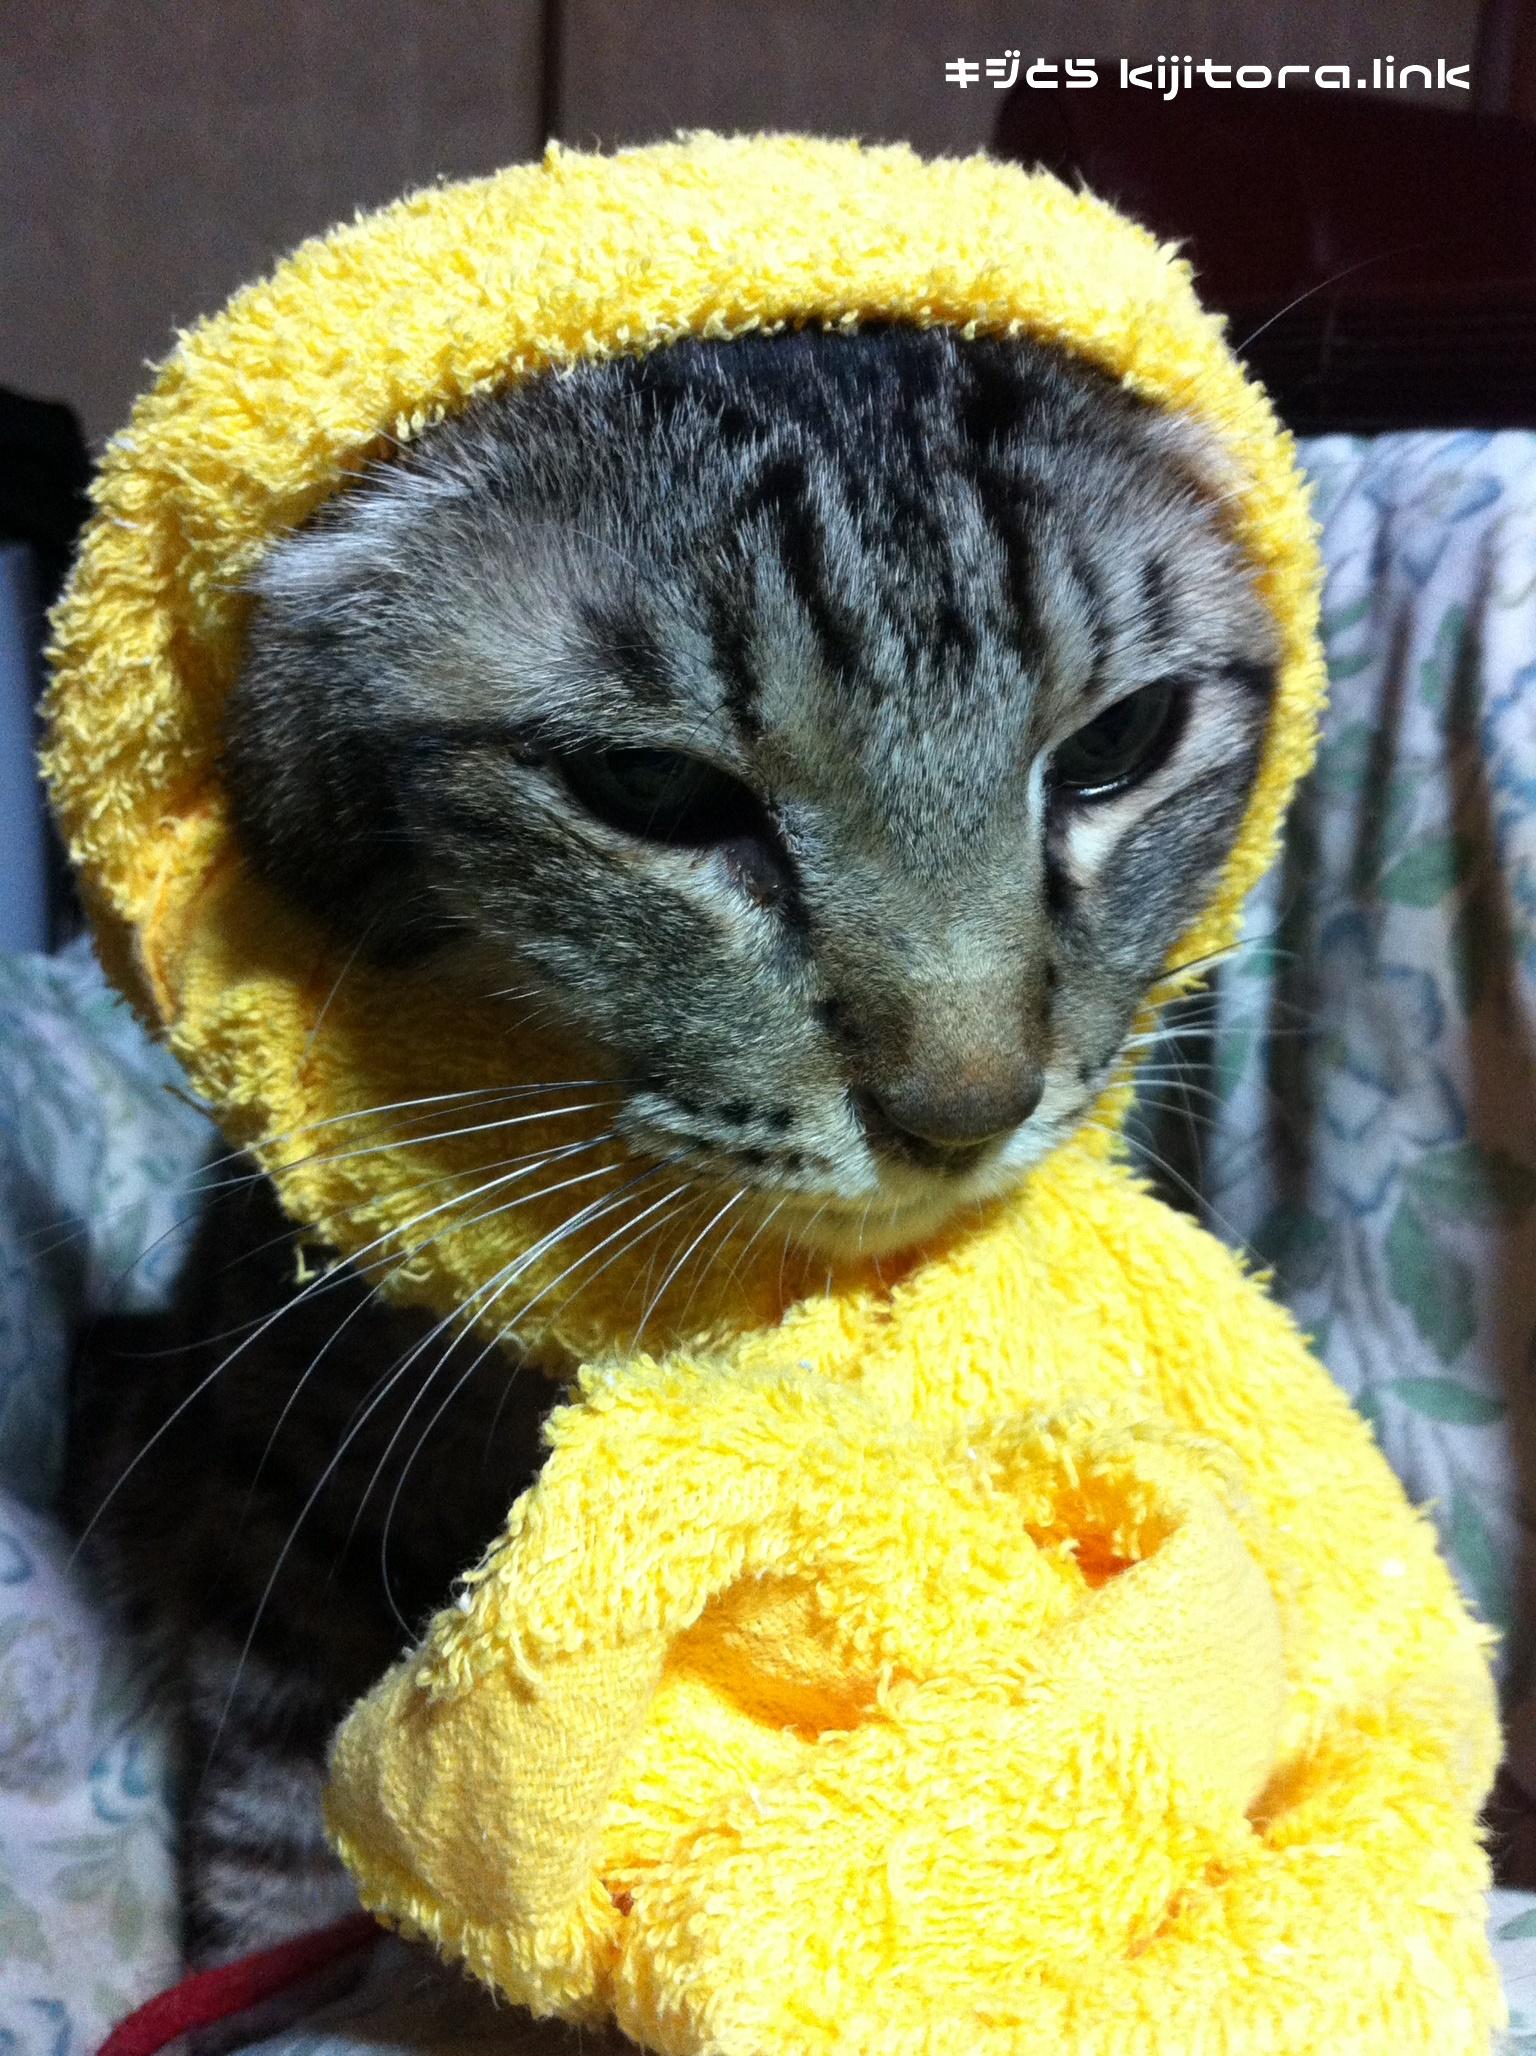 キャベツ猫か?泥棒猫か?